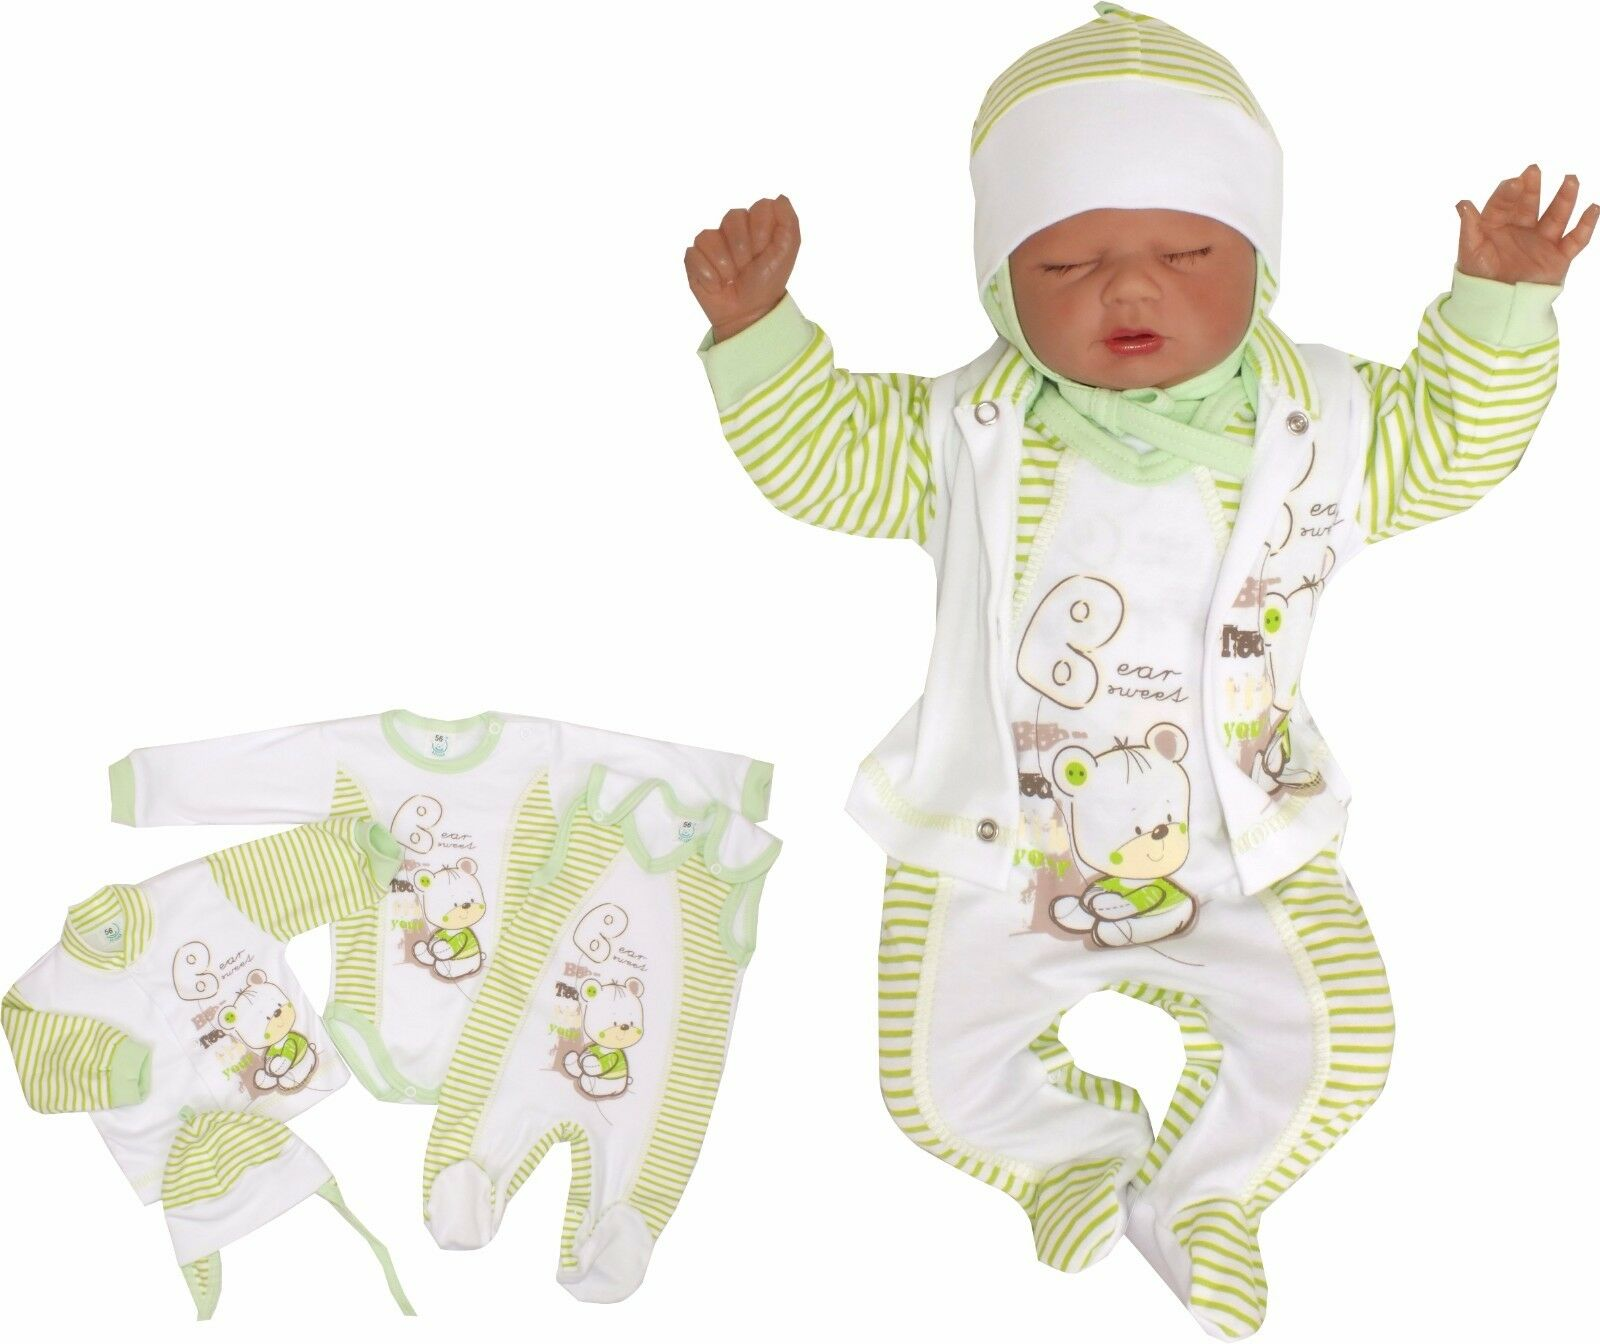 4 Tlg SET Baby Starterset Erstausstattung  50 56 62 68 100% Baumwolle Unisex